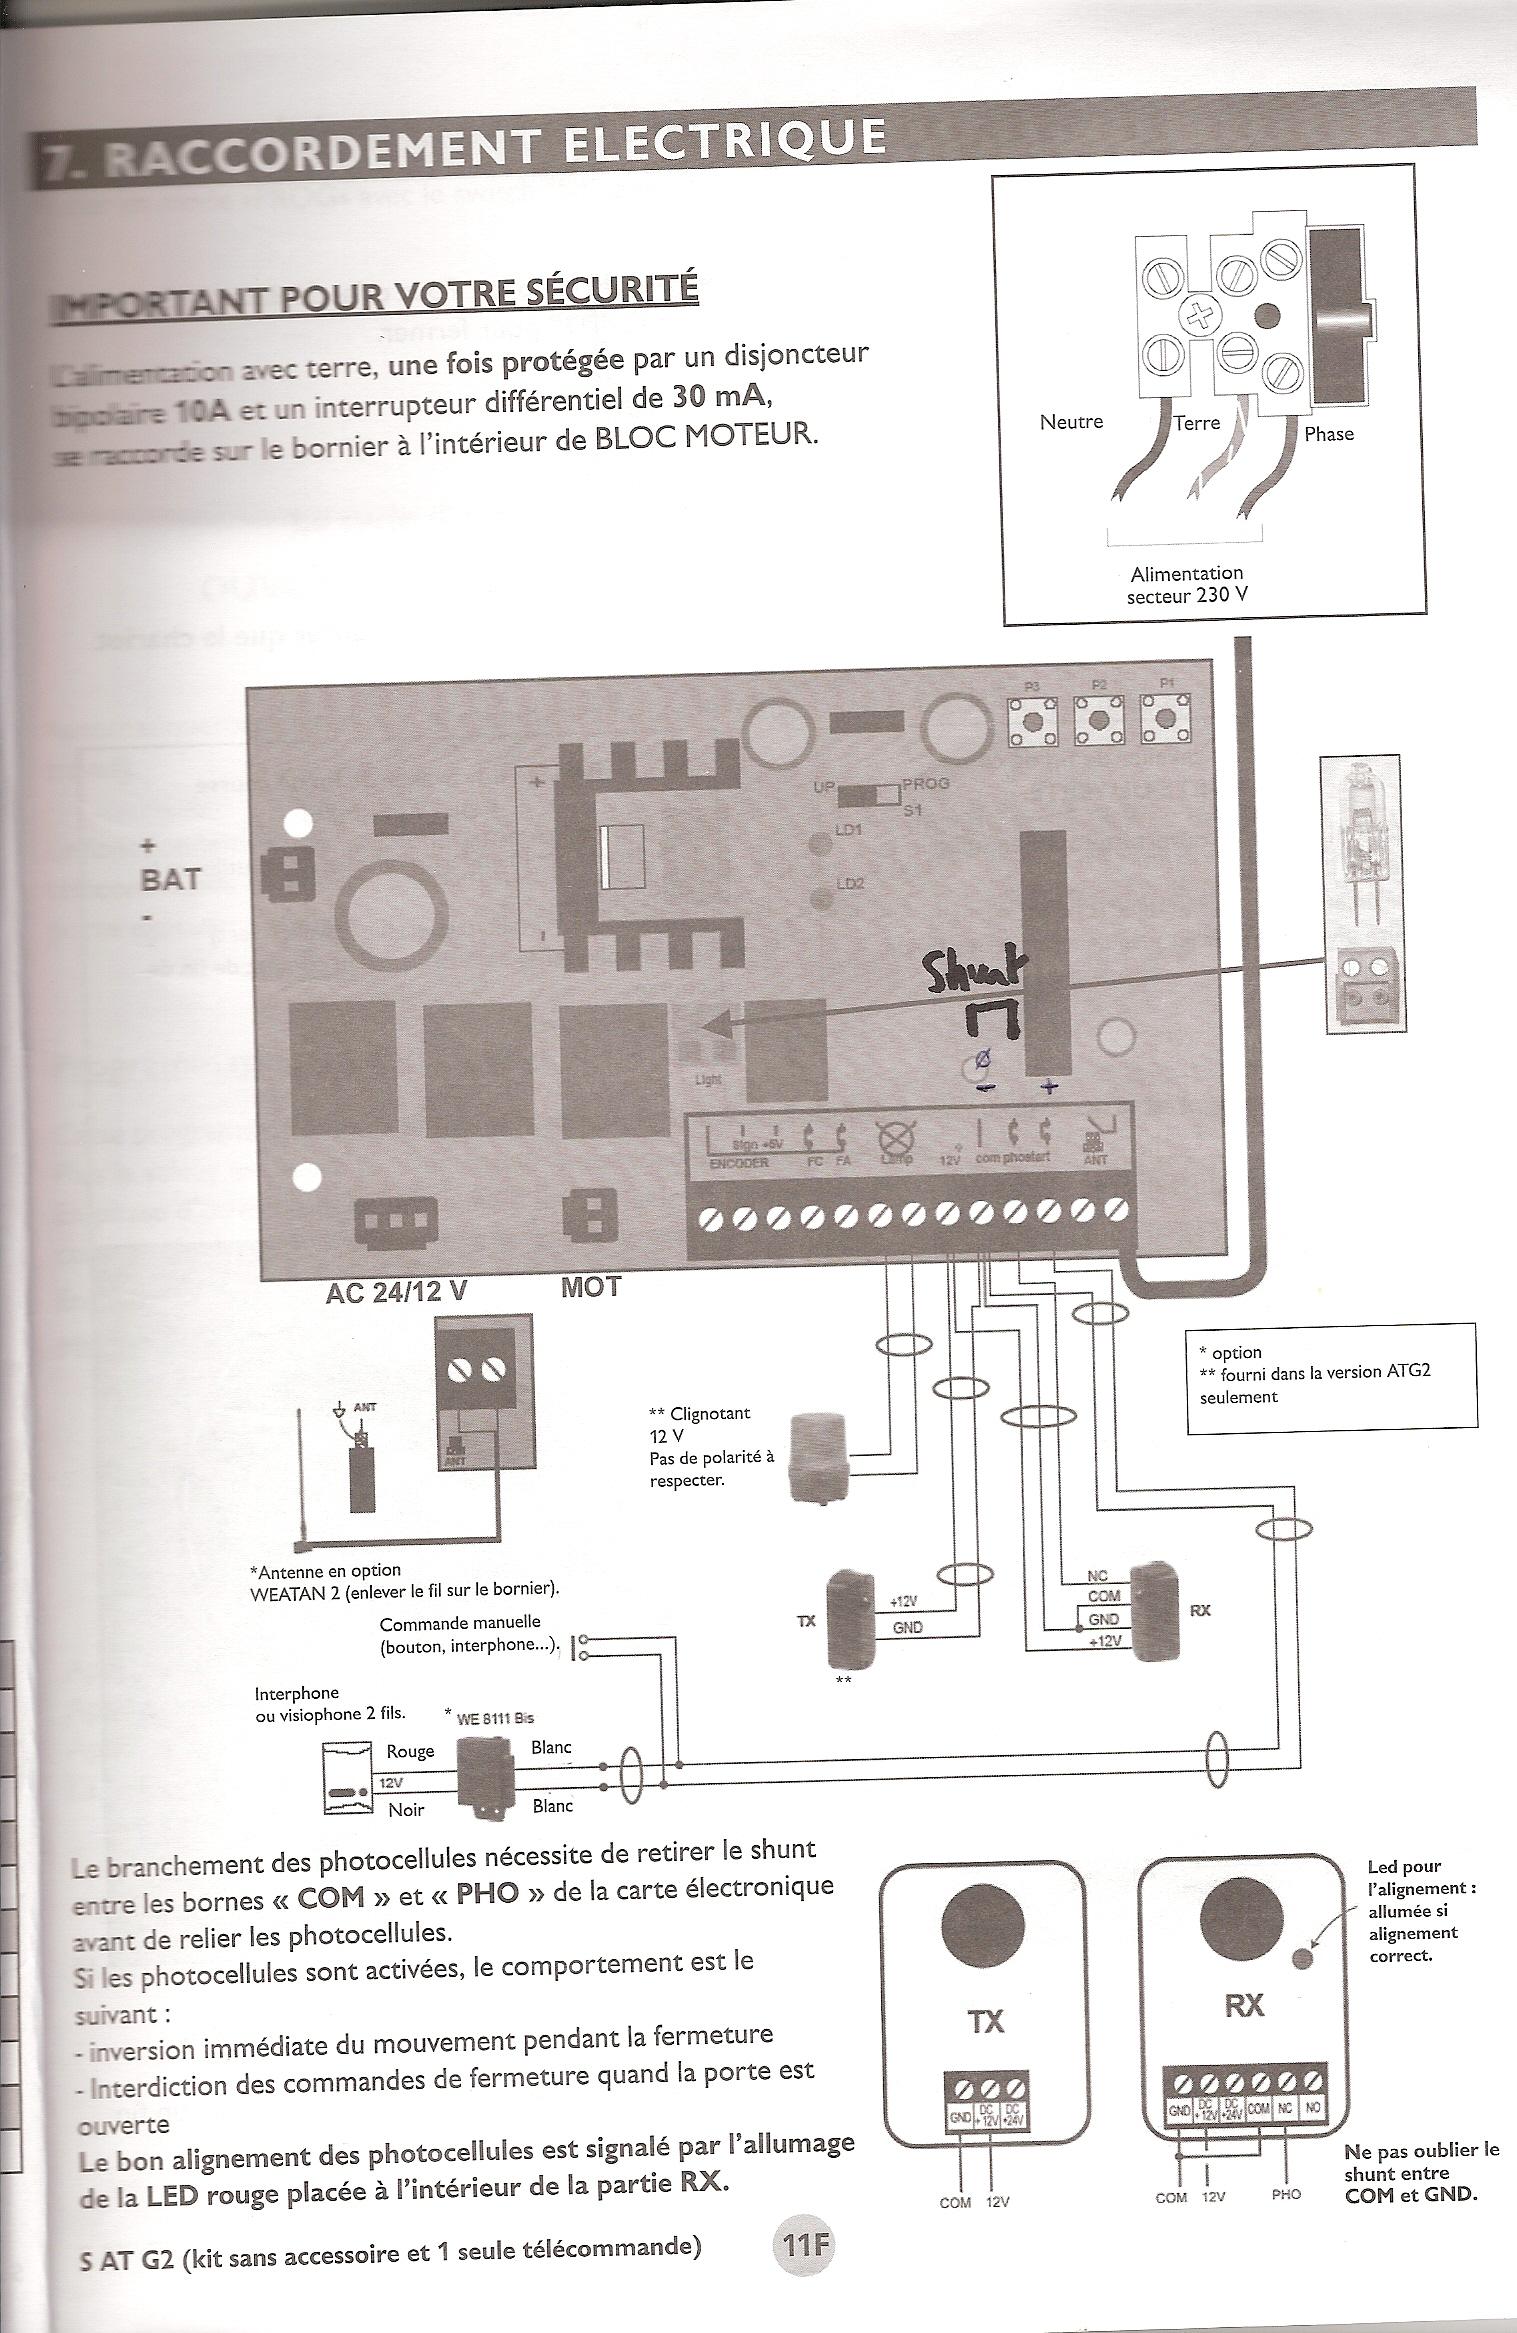 Comment brancher r cepteur universel rts somfy sur moteur porte de garage extel at g2 avec - Emetteur recepteur porte de garage ...